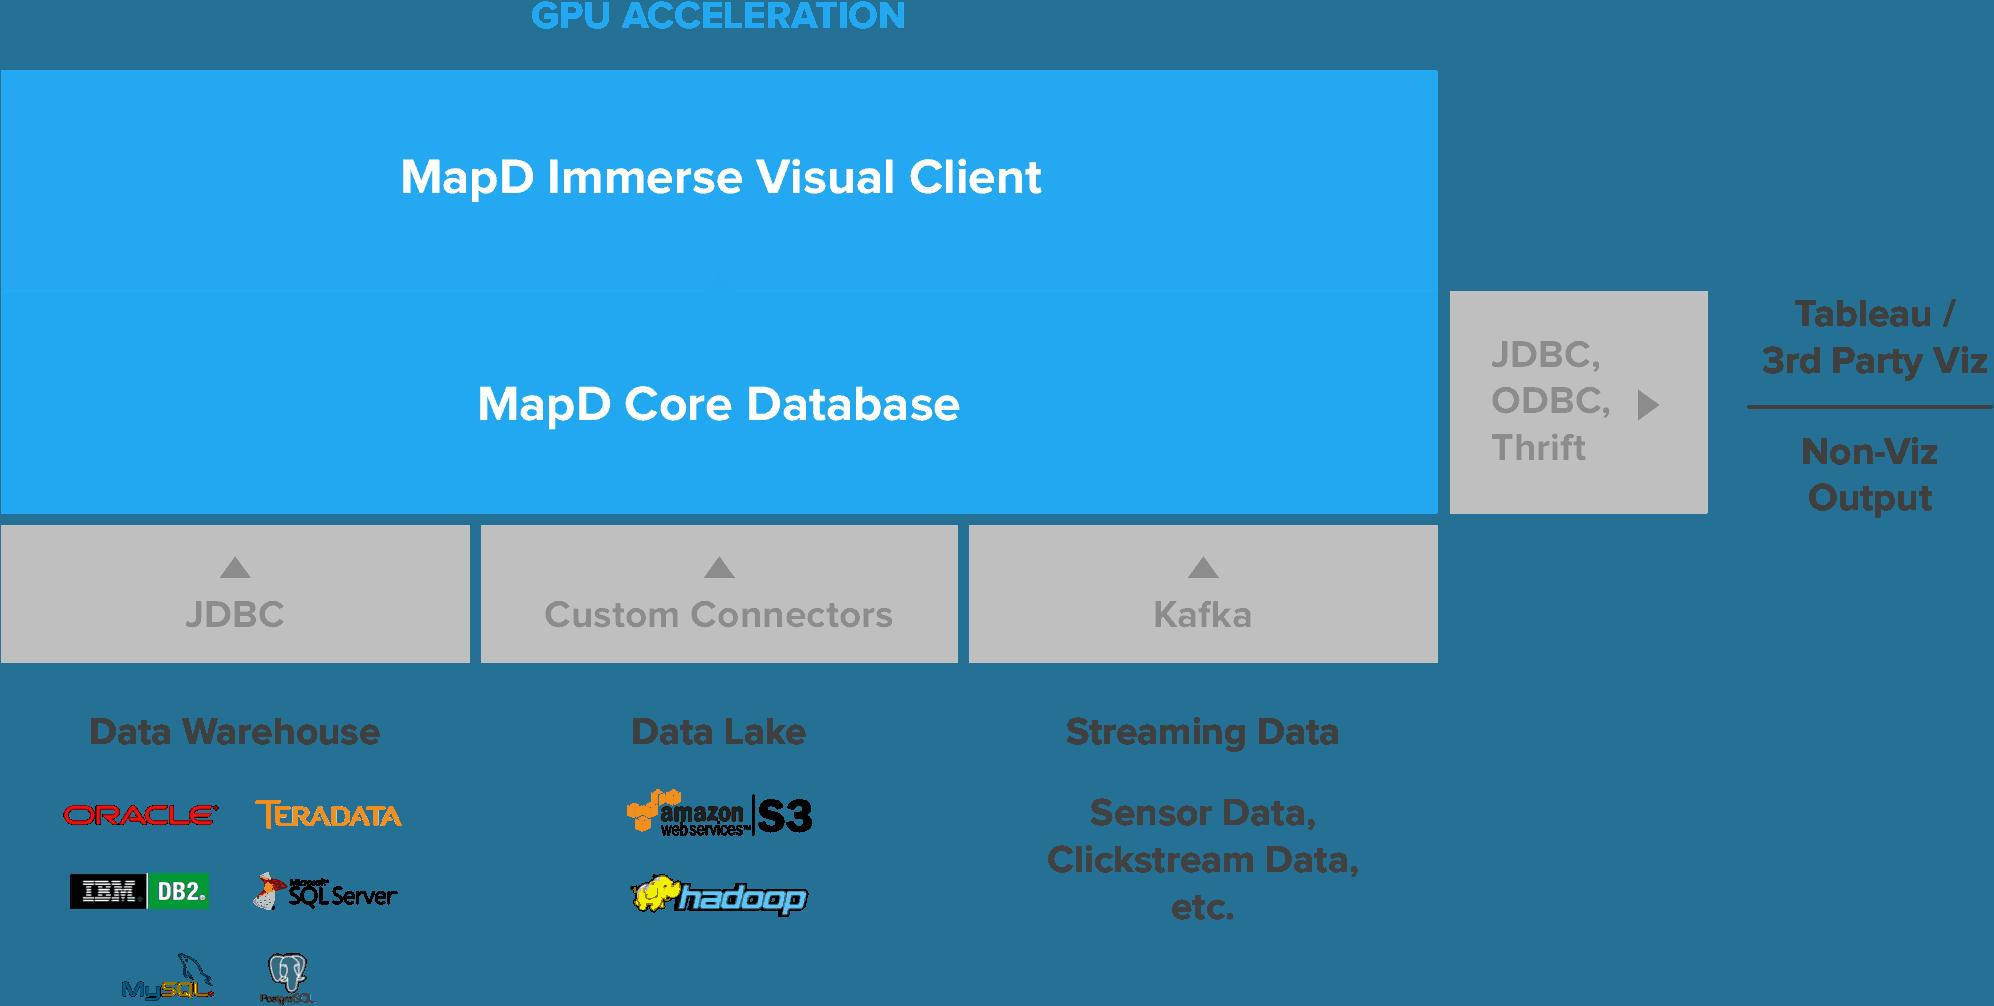 แจกฟรี! MapD ฐานข้อมูลที่รันบน GPU จาก MIT กลายเป็น Open Source แล้ว 1